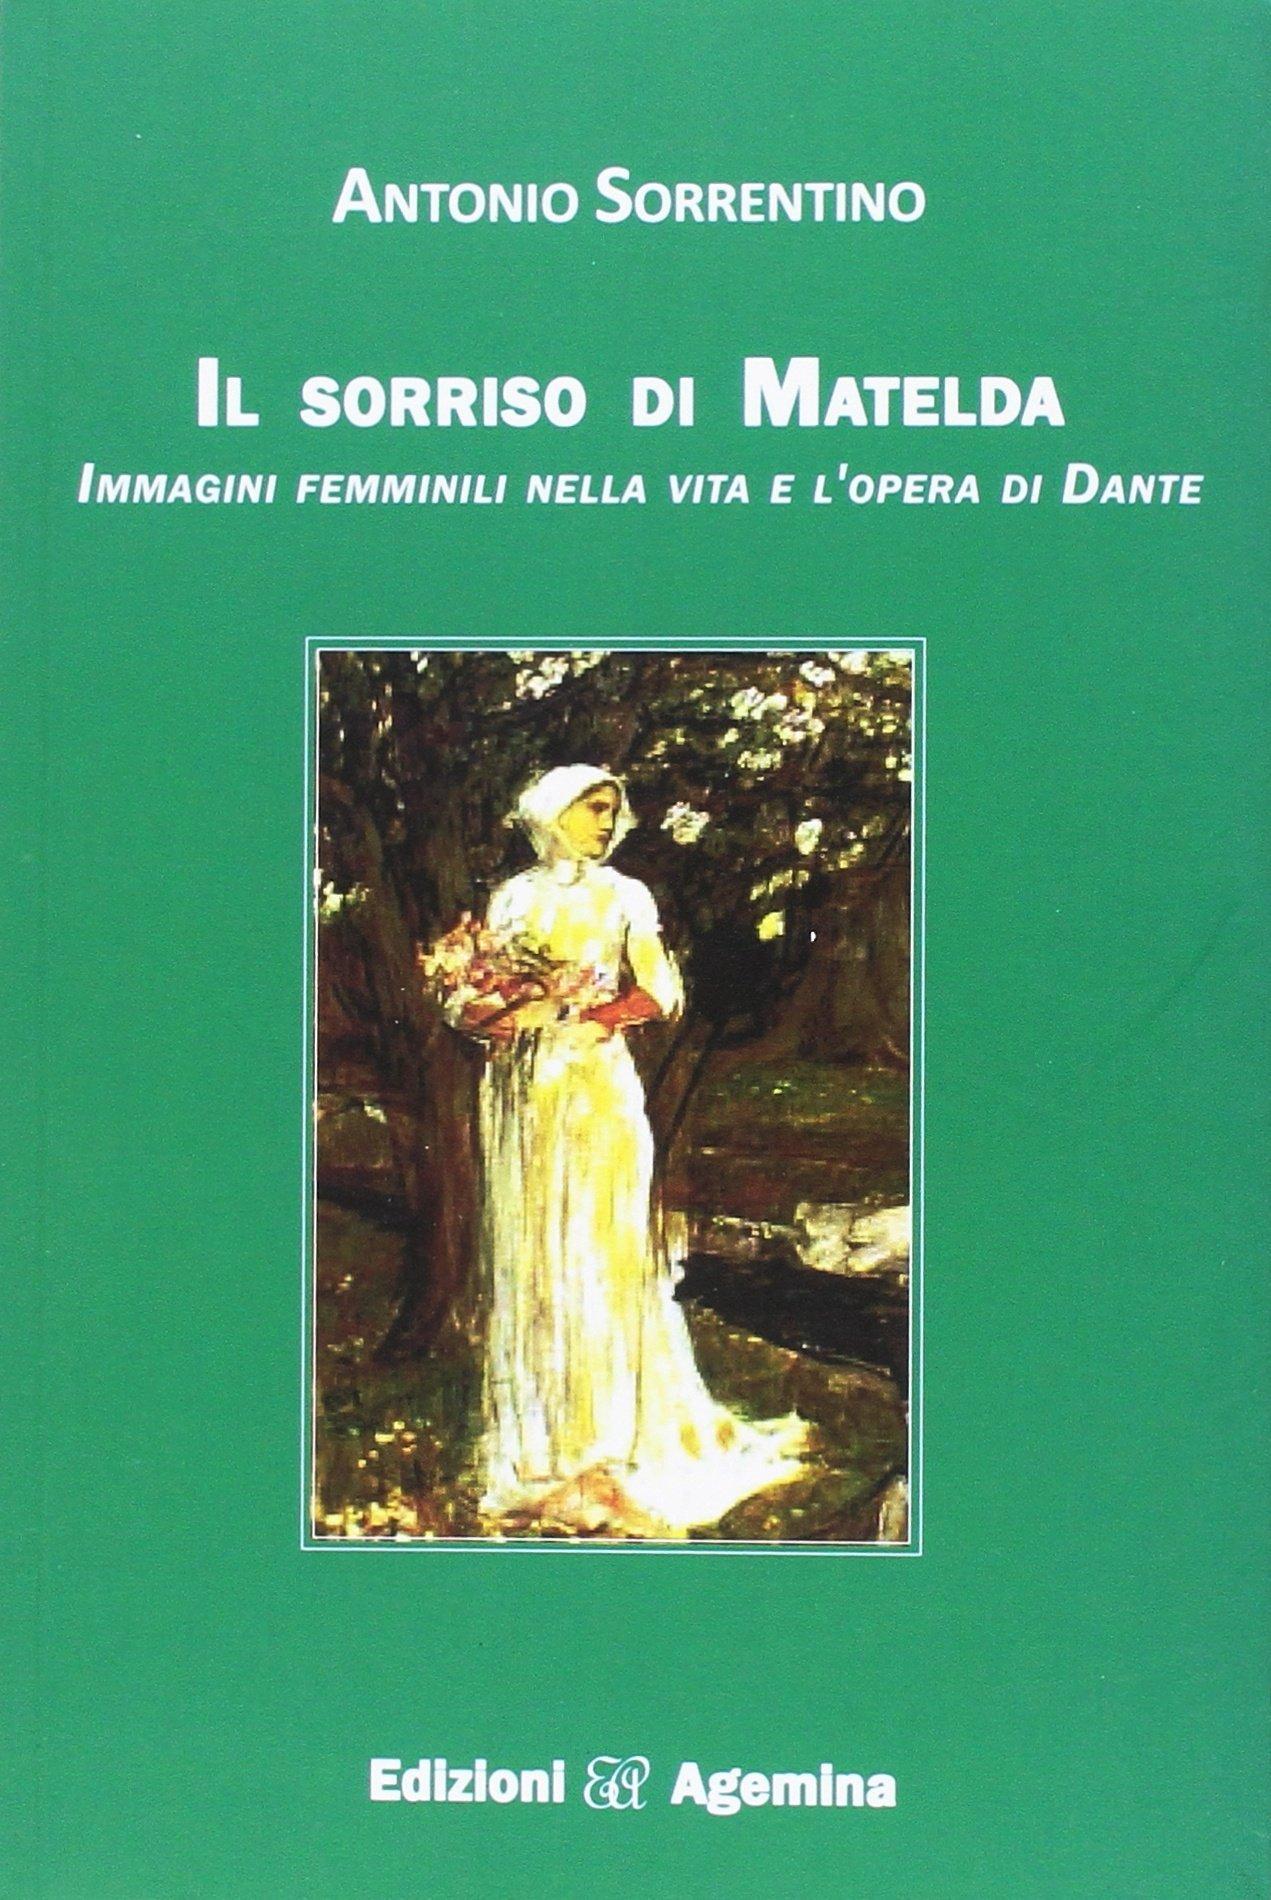 Il sorriso di Matelda. Immagini femminili nella vita e l'opera di Dante.